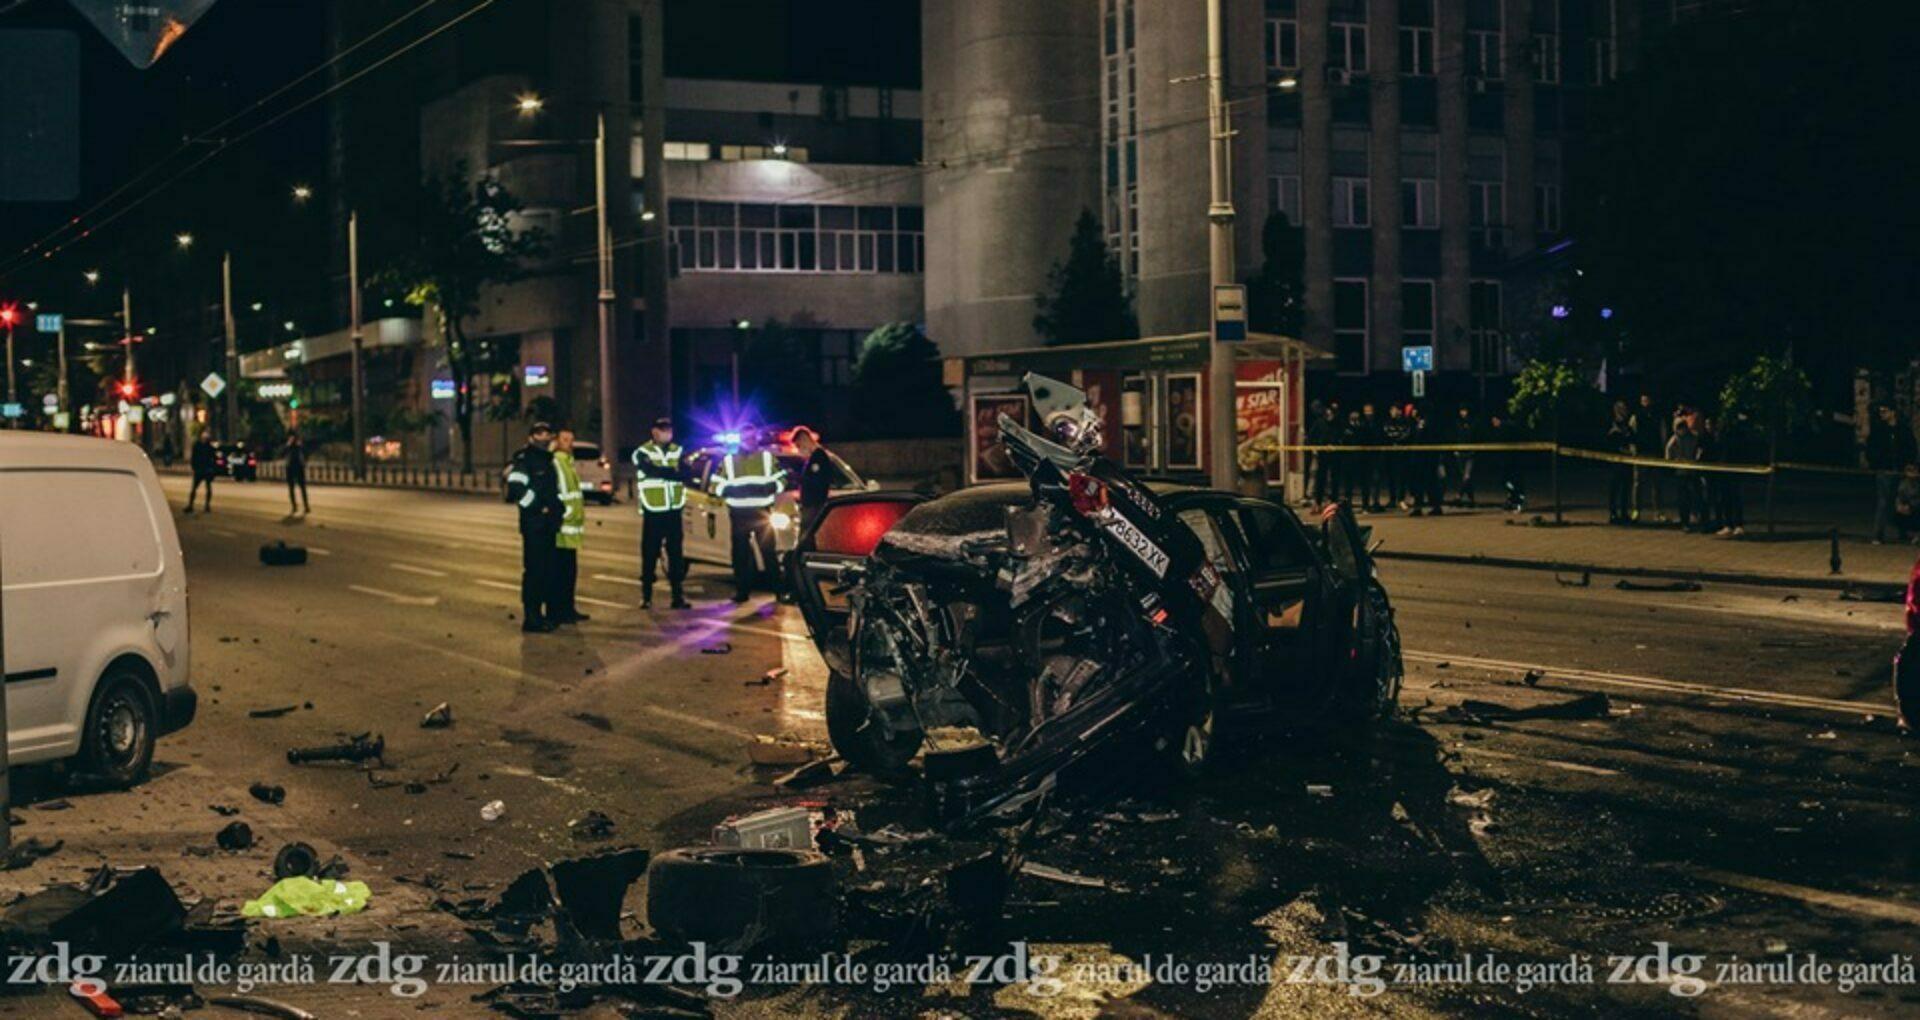 DOC/ Șoferul de la volanul mașinii Audi, care a provocat accidentul de pe bd. Ștefan cel Mare, condamnat la închisoare în penitenciar de tip deschis